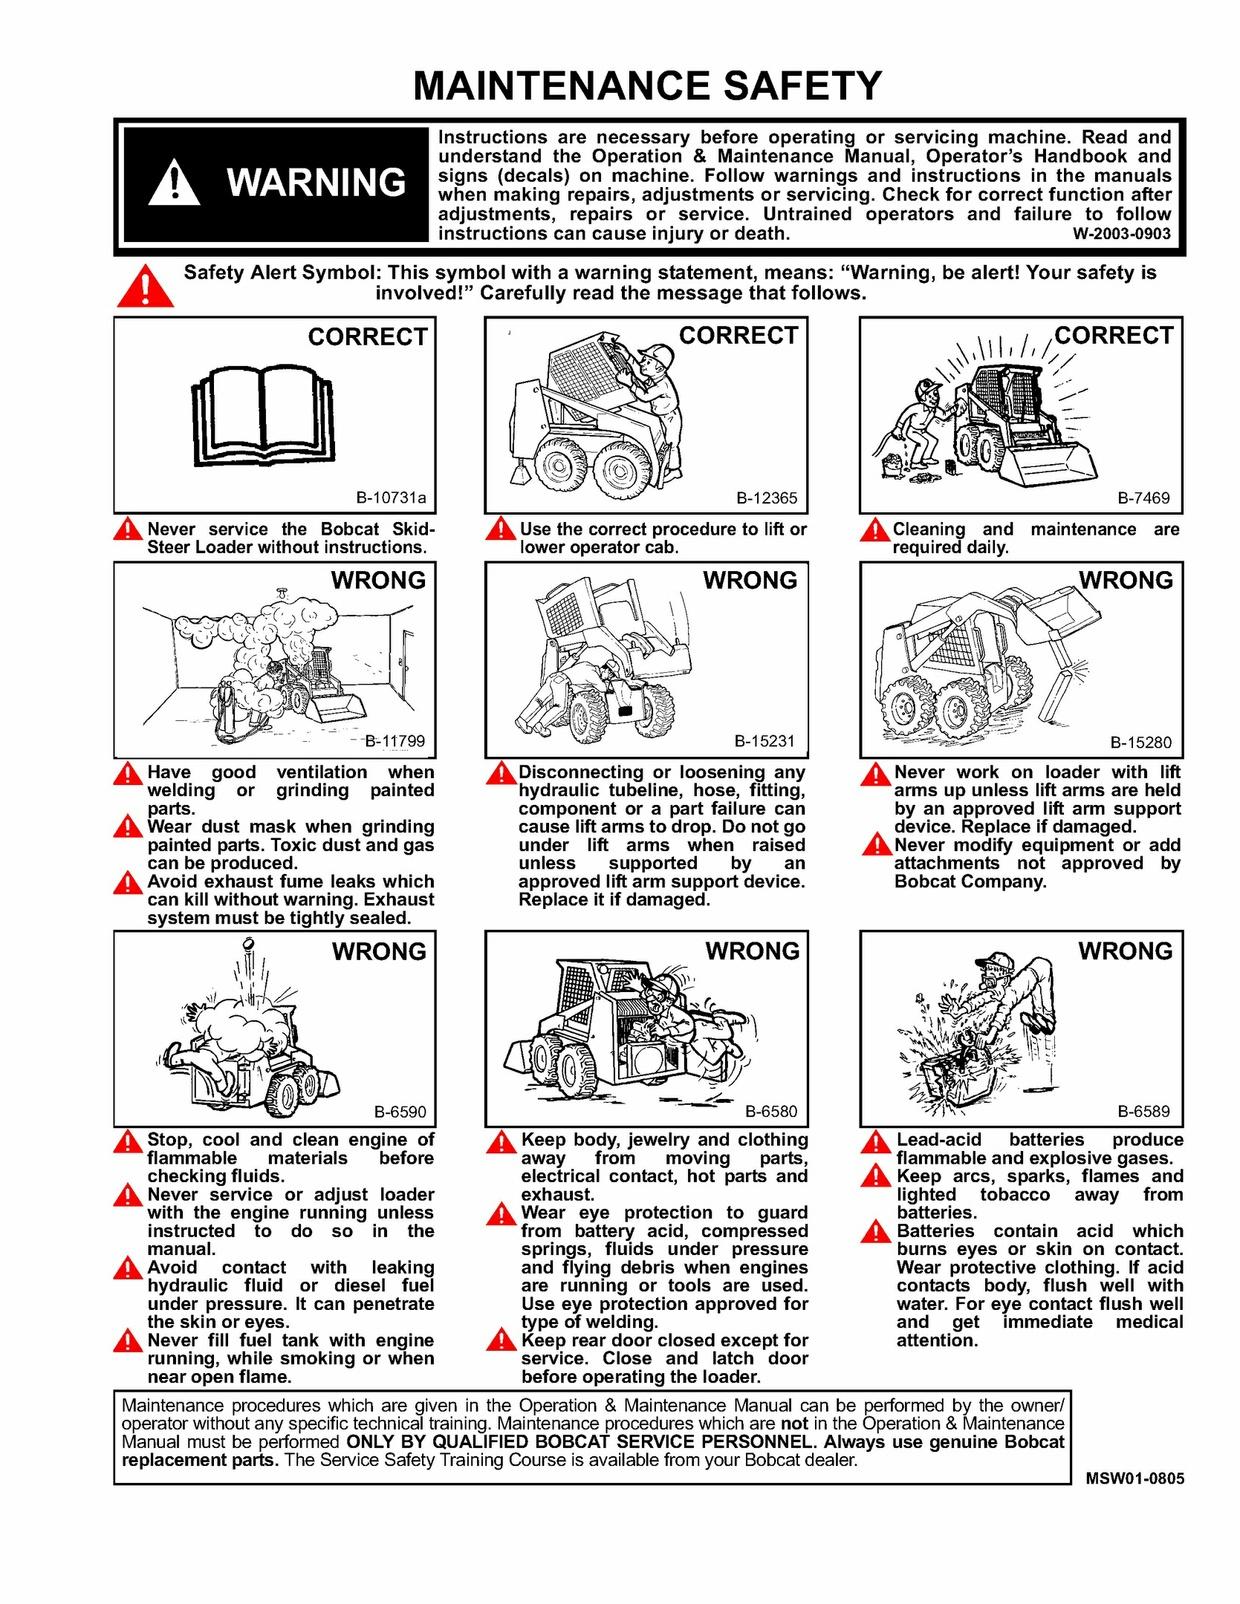 Pdf Download Bobcat 553 Skid Steer Loader  Service Repair Manual S/N: 513011001-513031001